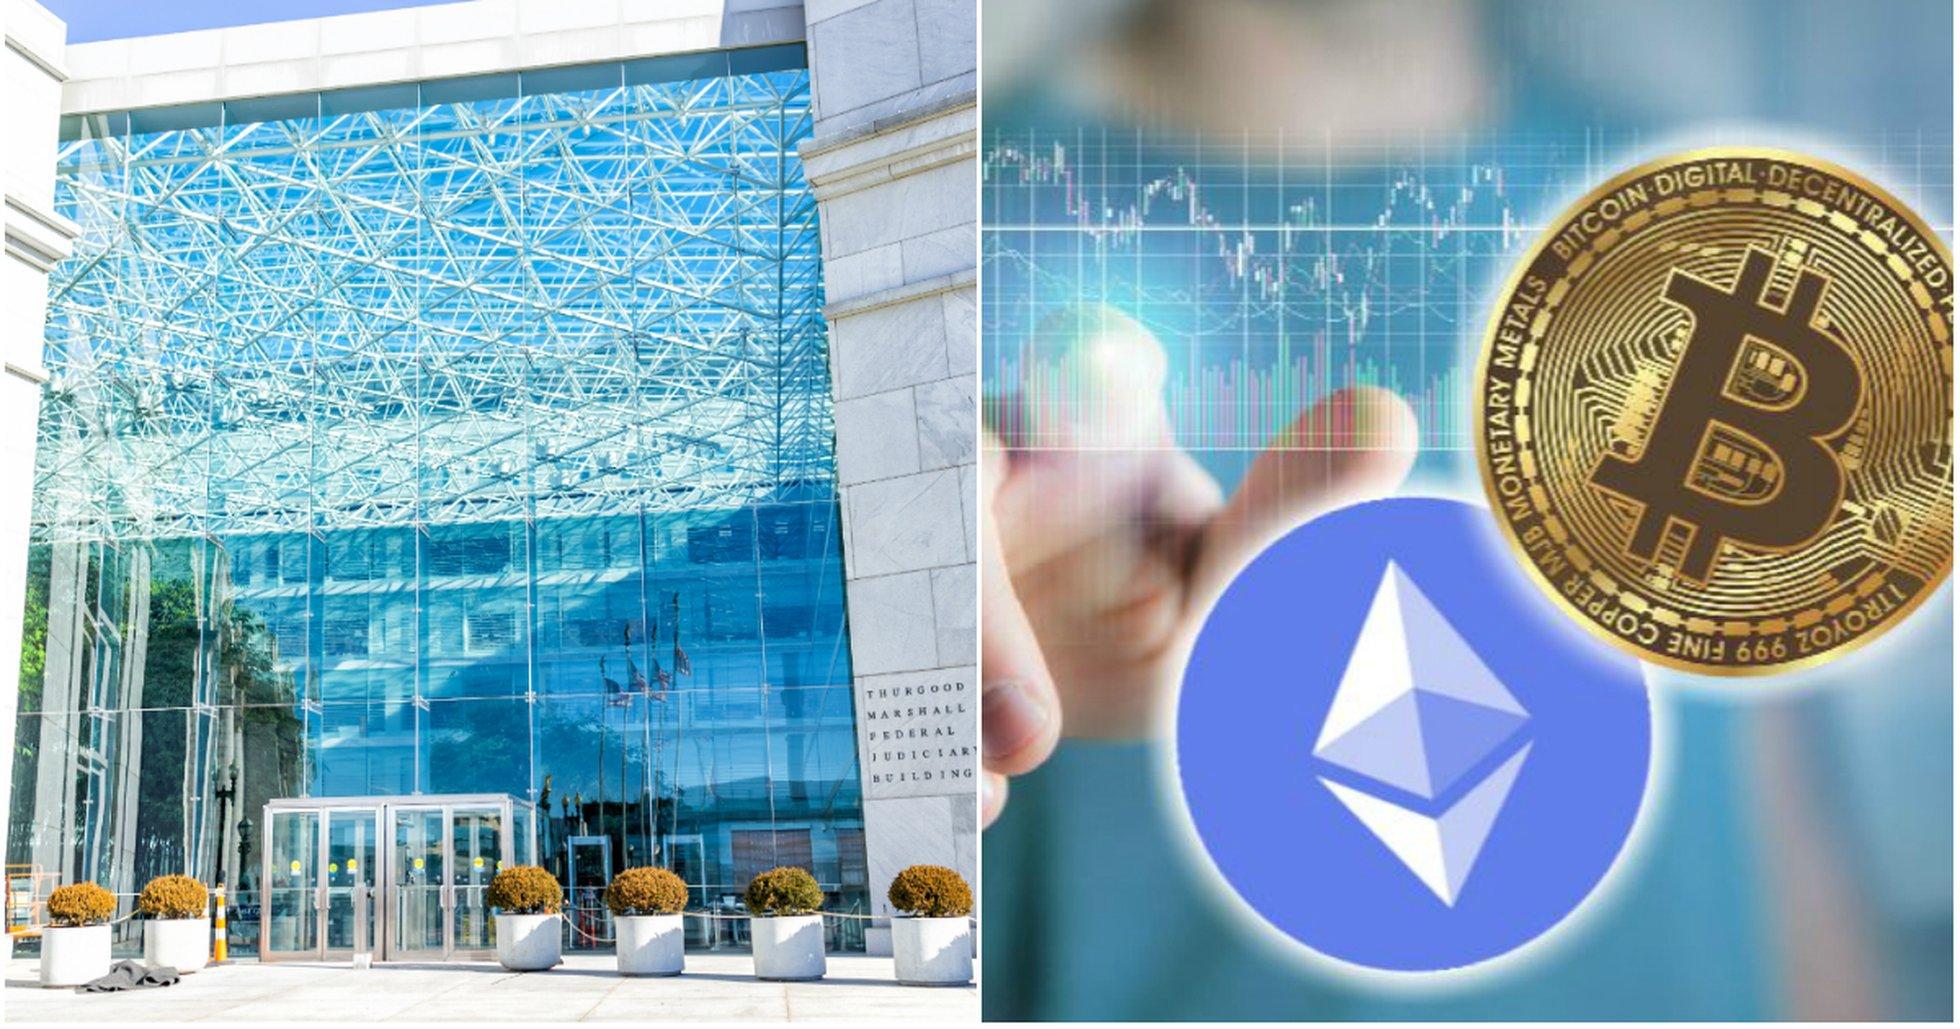 USAs vardepappers- och borskommission bitcoin och ethereum ar inte vardepapper.